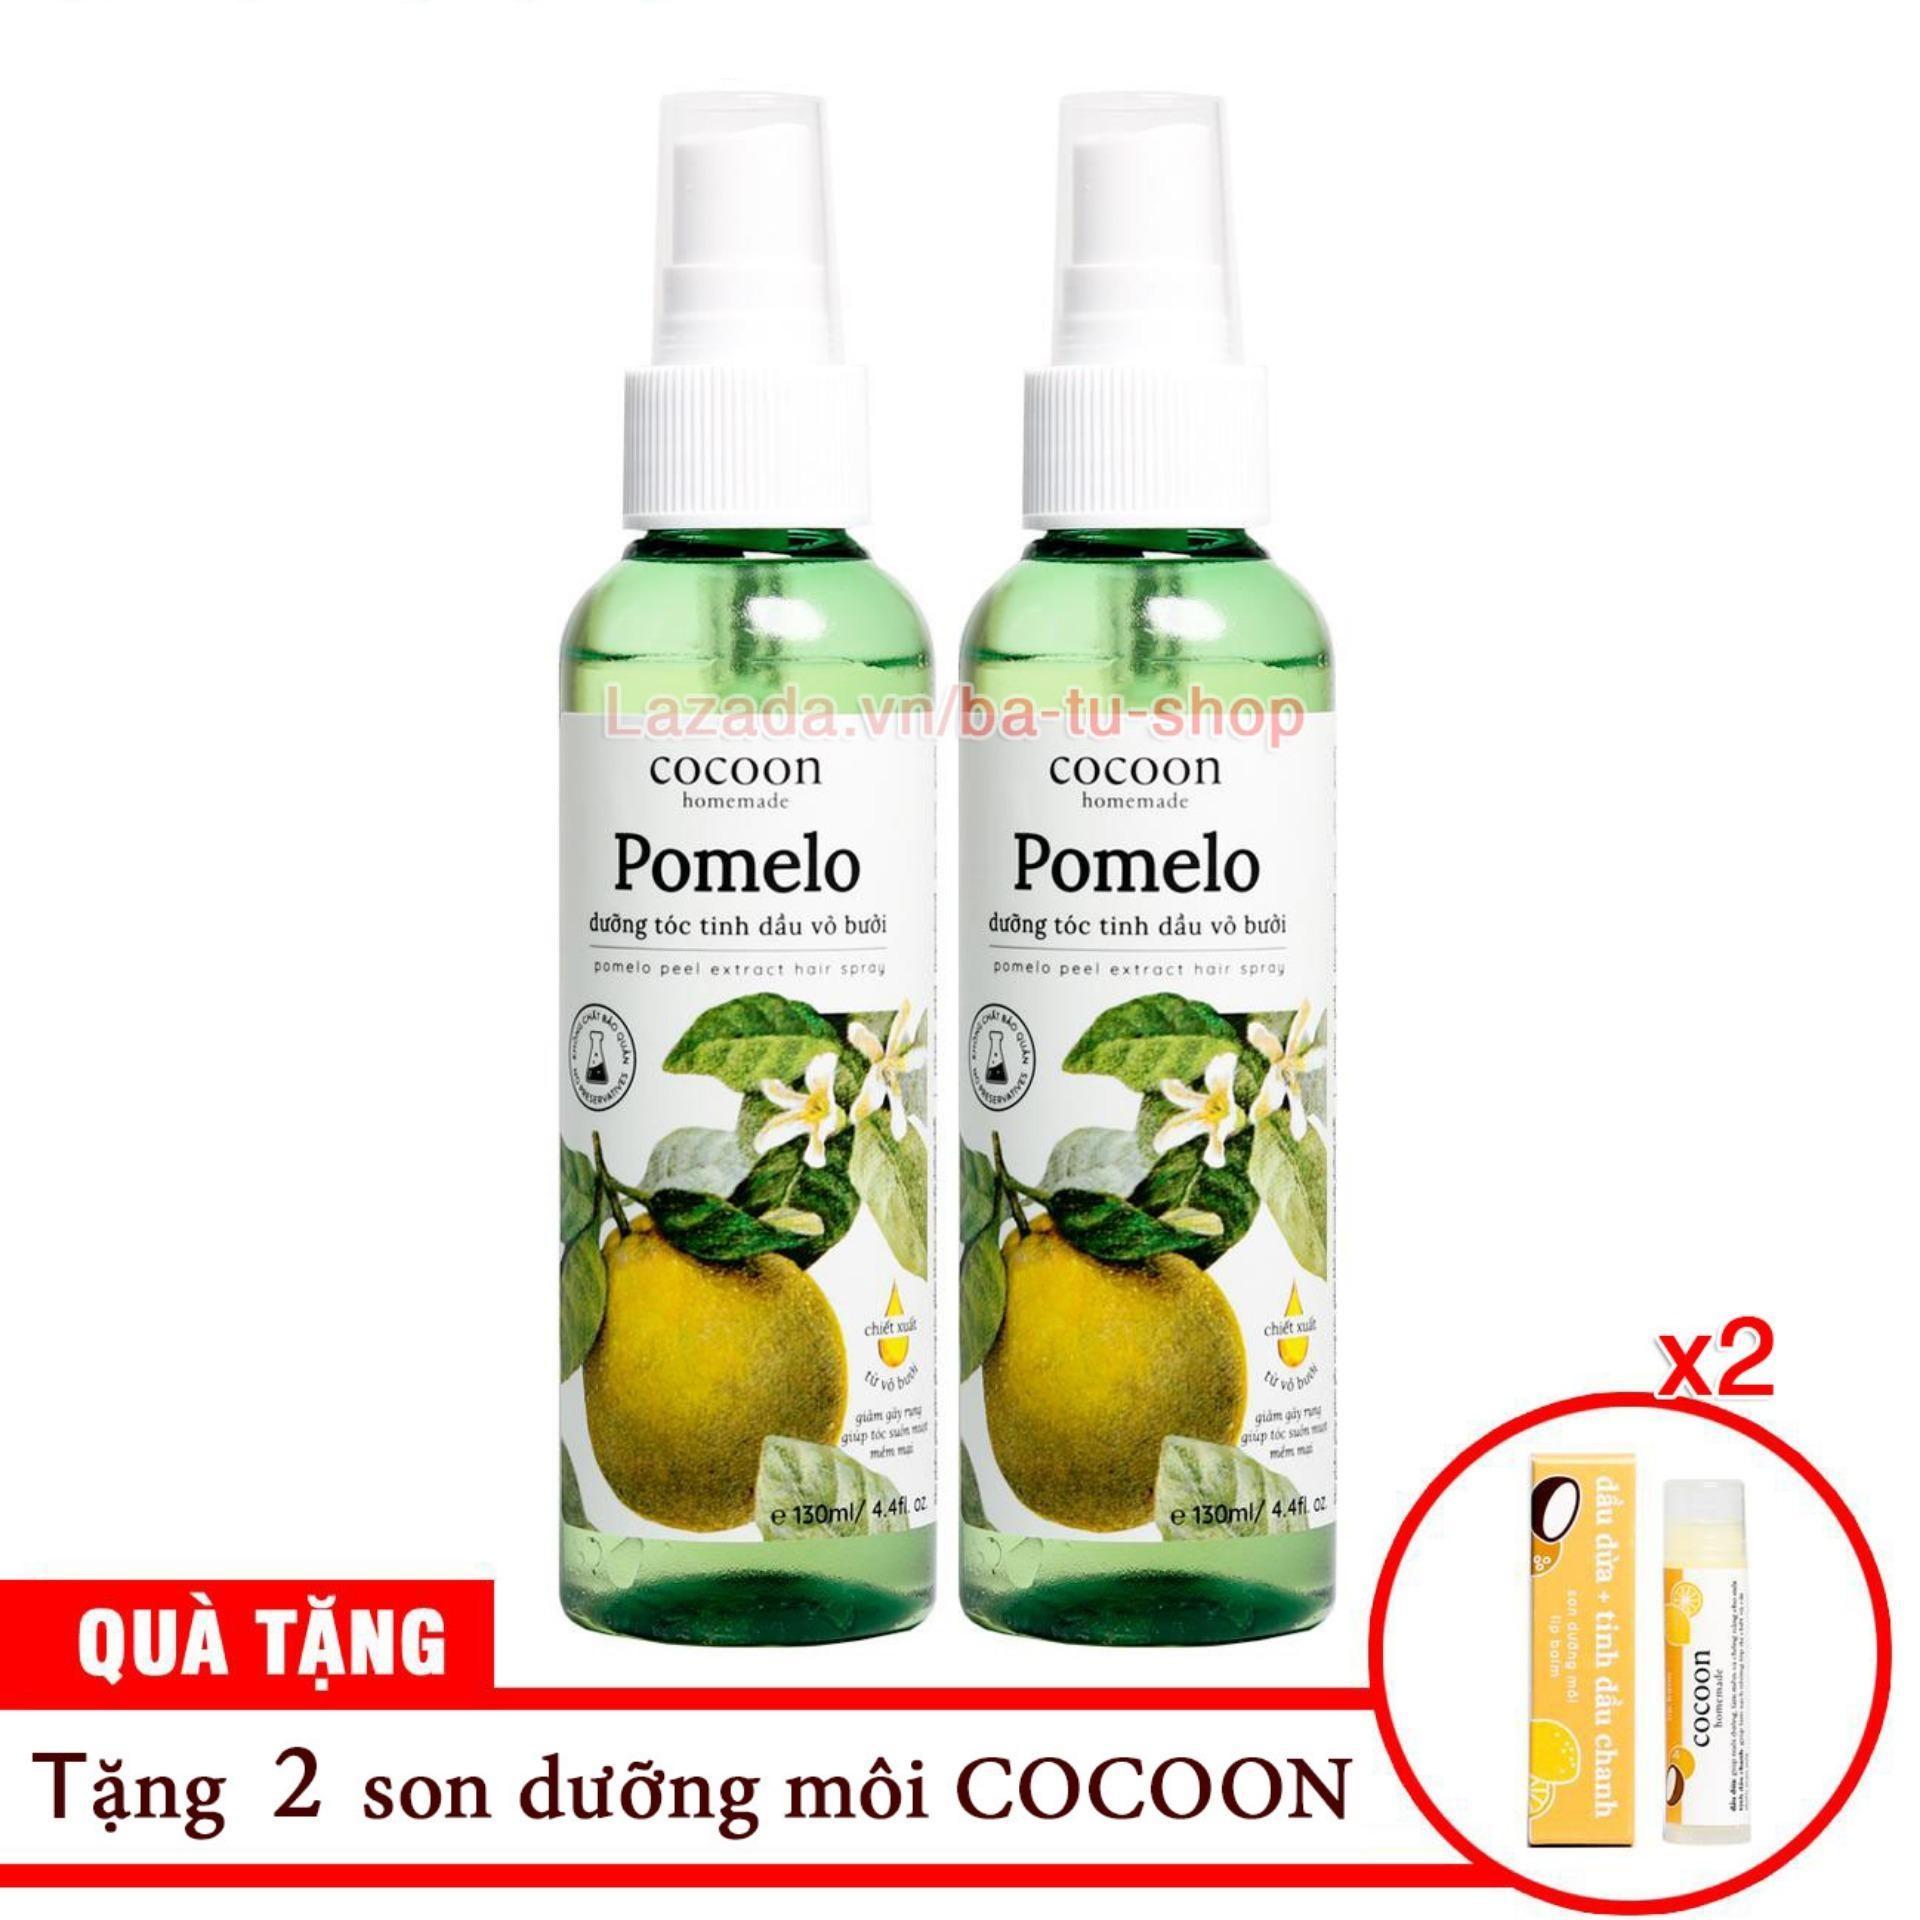 Bộ 2 chai xịt bưởi Cocoon kích thích mọc tóc, ngăn rụng tóc 130ml TẶNG 1 SON tốt nhất